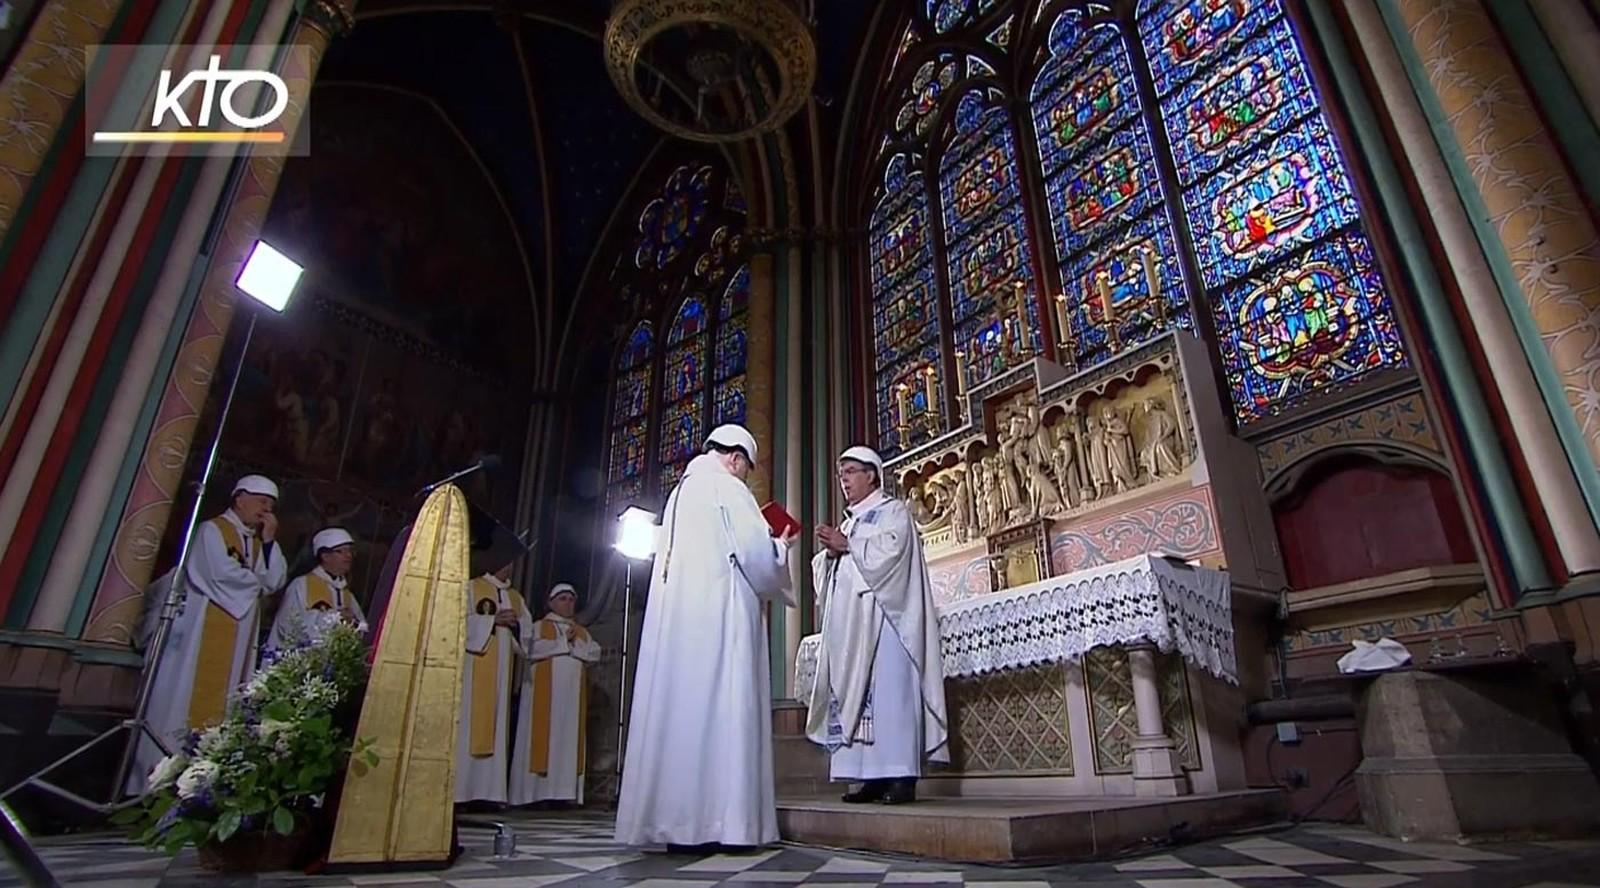 Catedral de Notre-Dame de Paris recebe primeira missa após incêndio